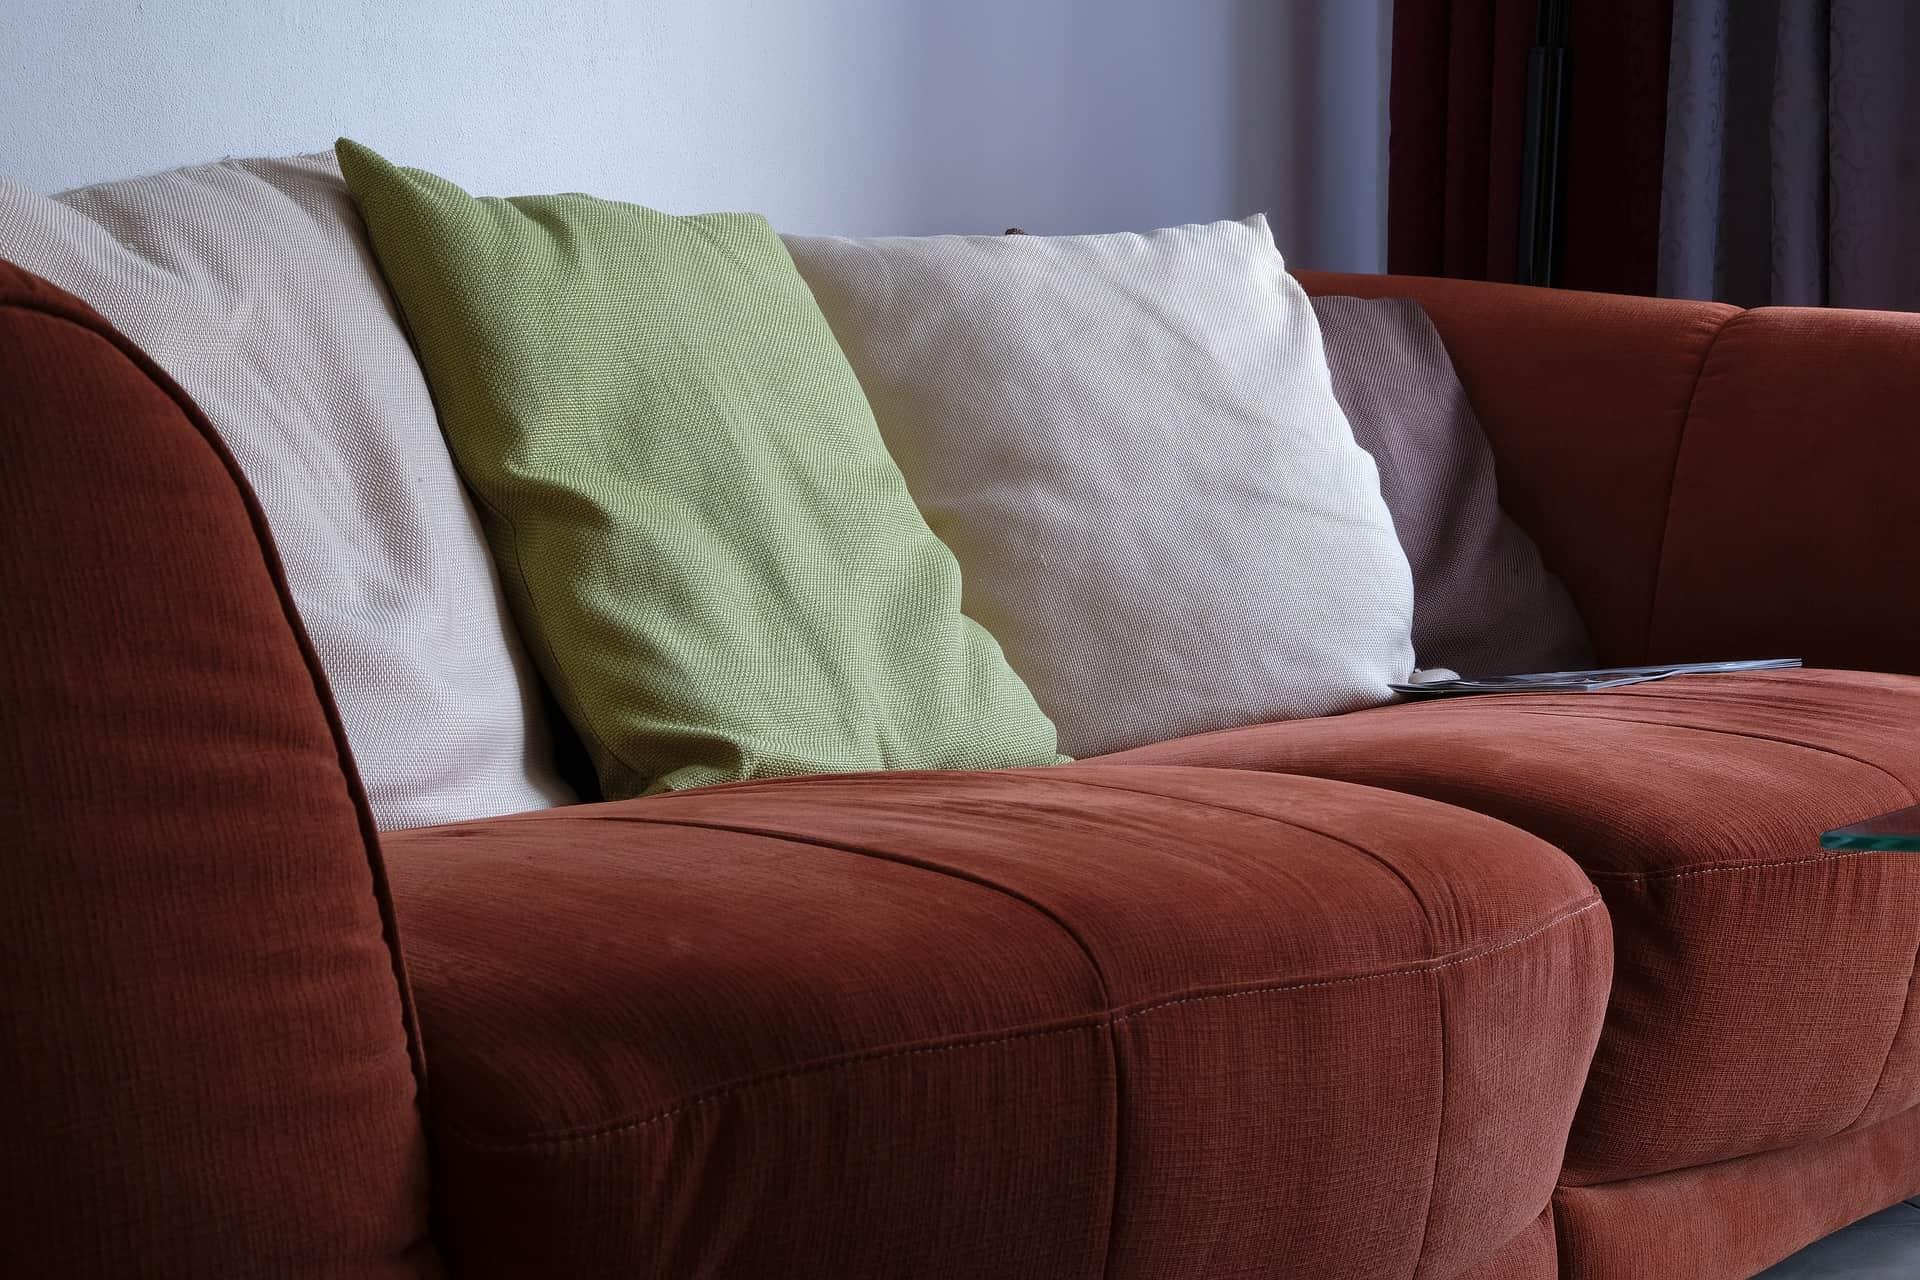 Polster reinigen: Tipps und Tricks